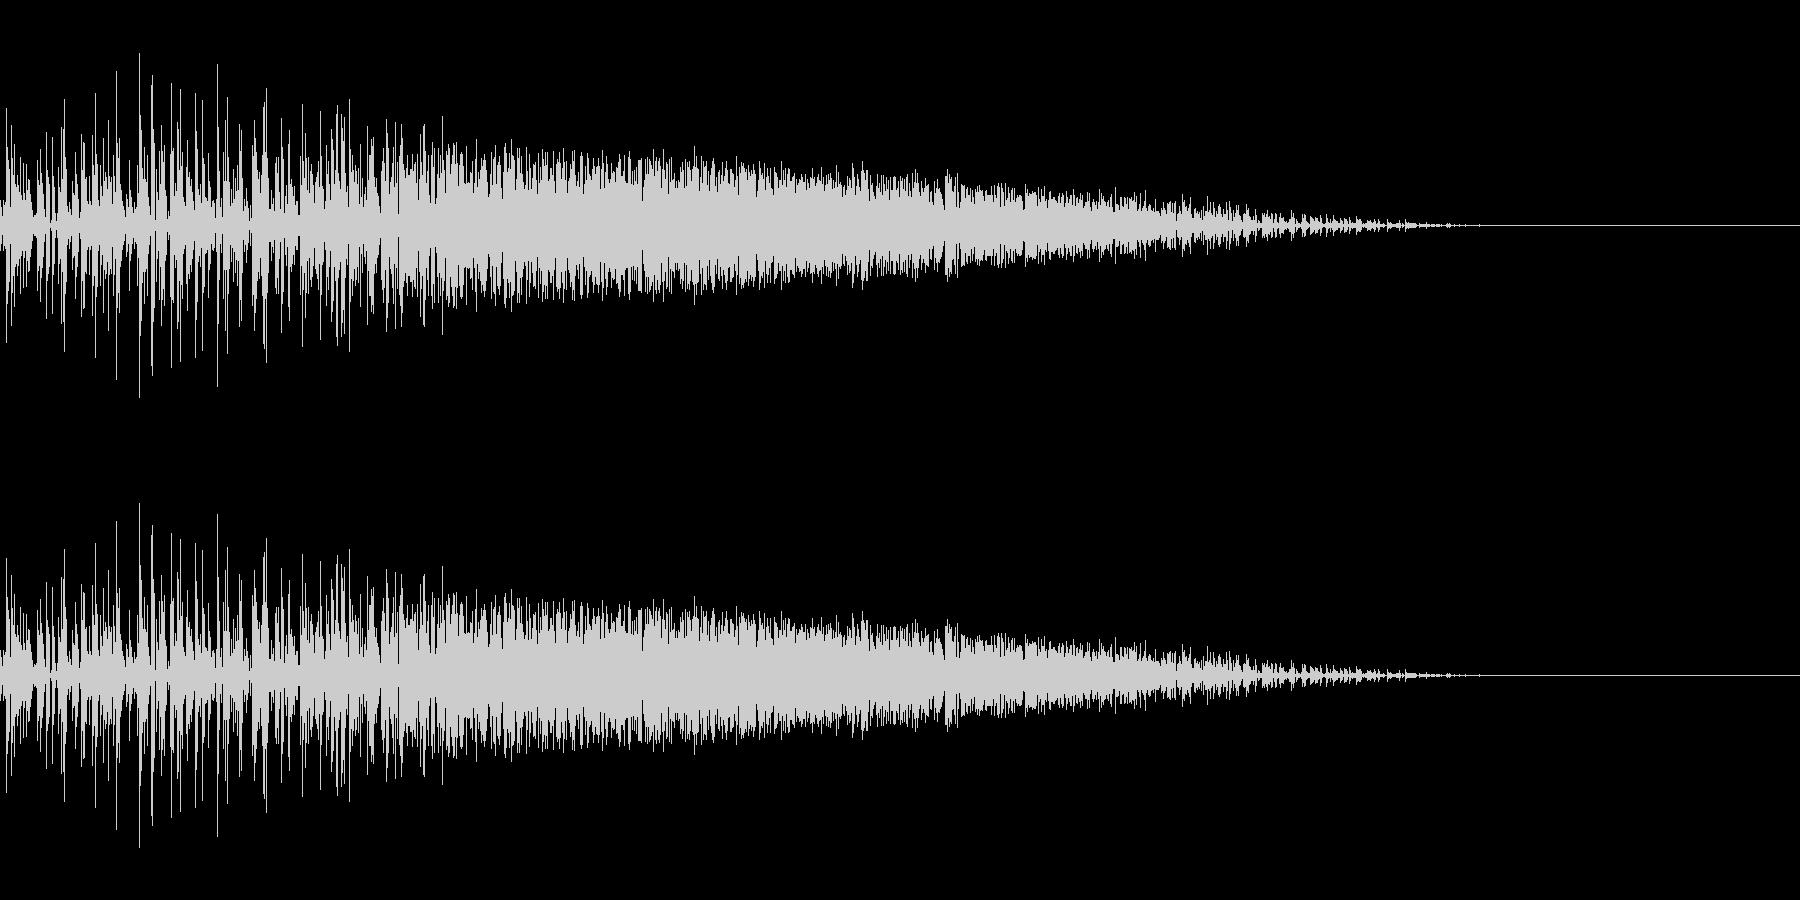 ザシュッ(斬撃/ひっかき/攻撃)の未再生の波形